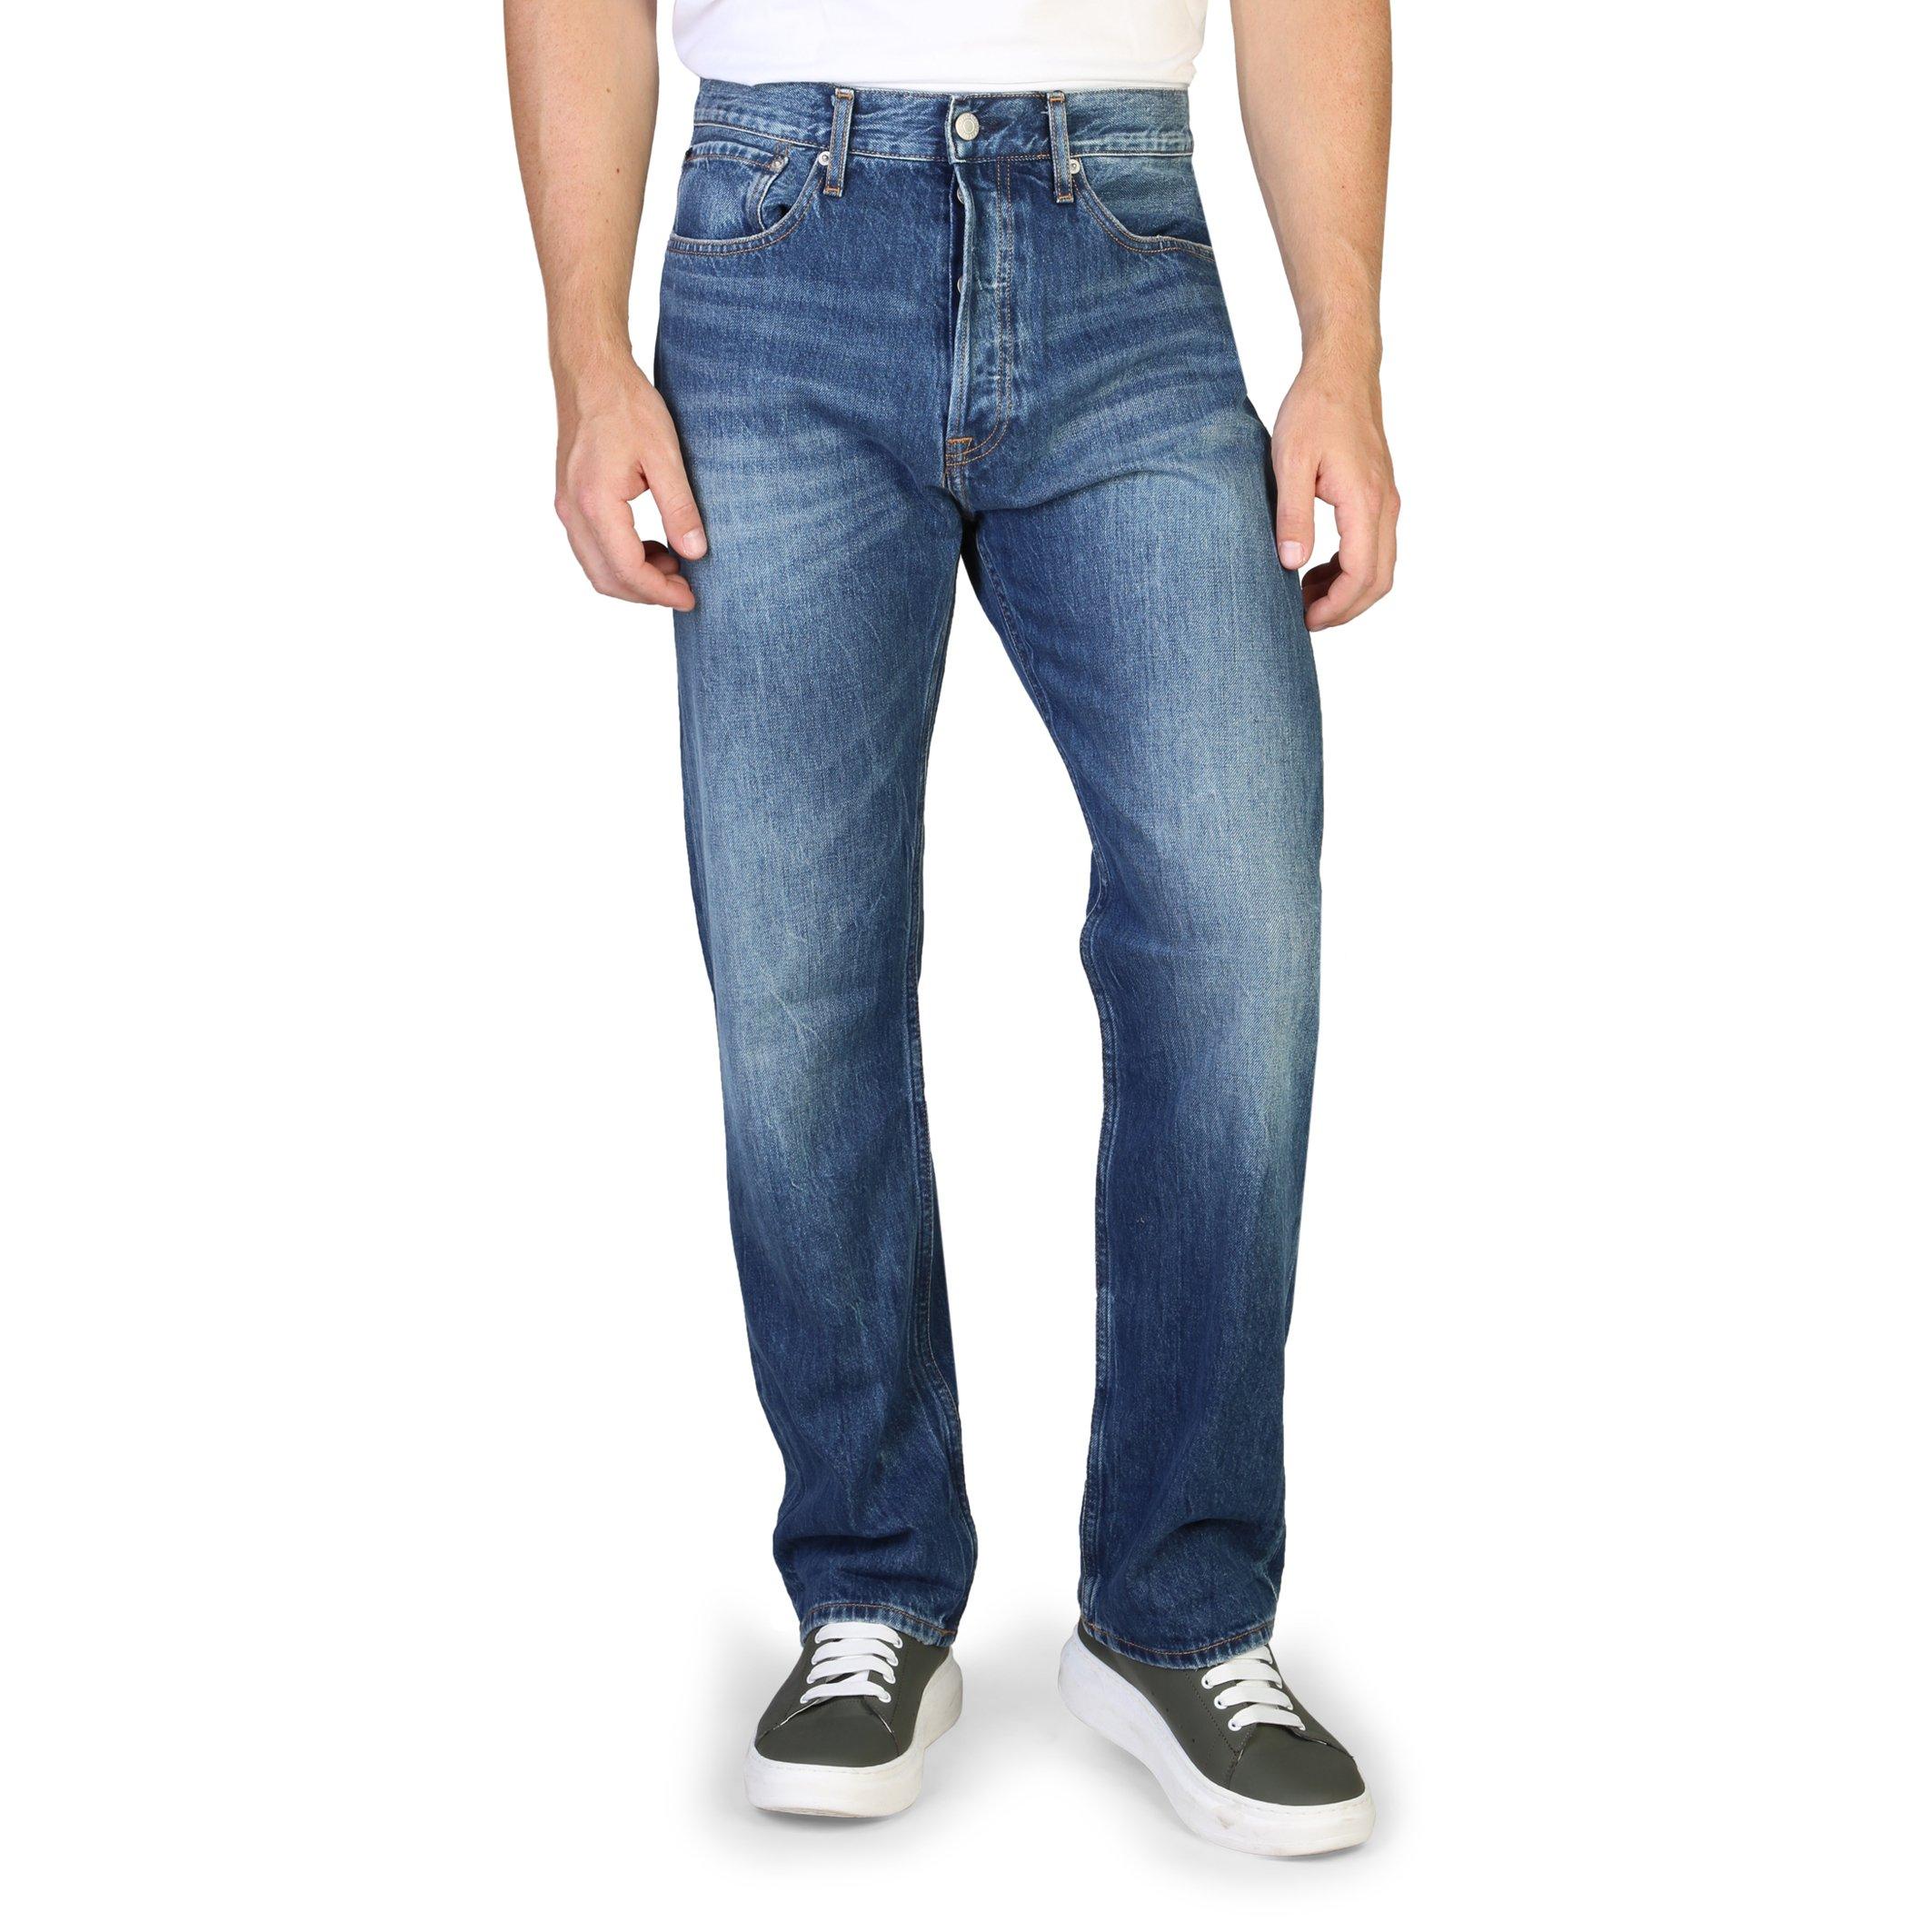 Calvin Klein Men's Jeans Blue 350113 - blue-1 29